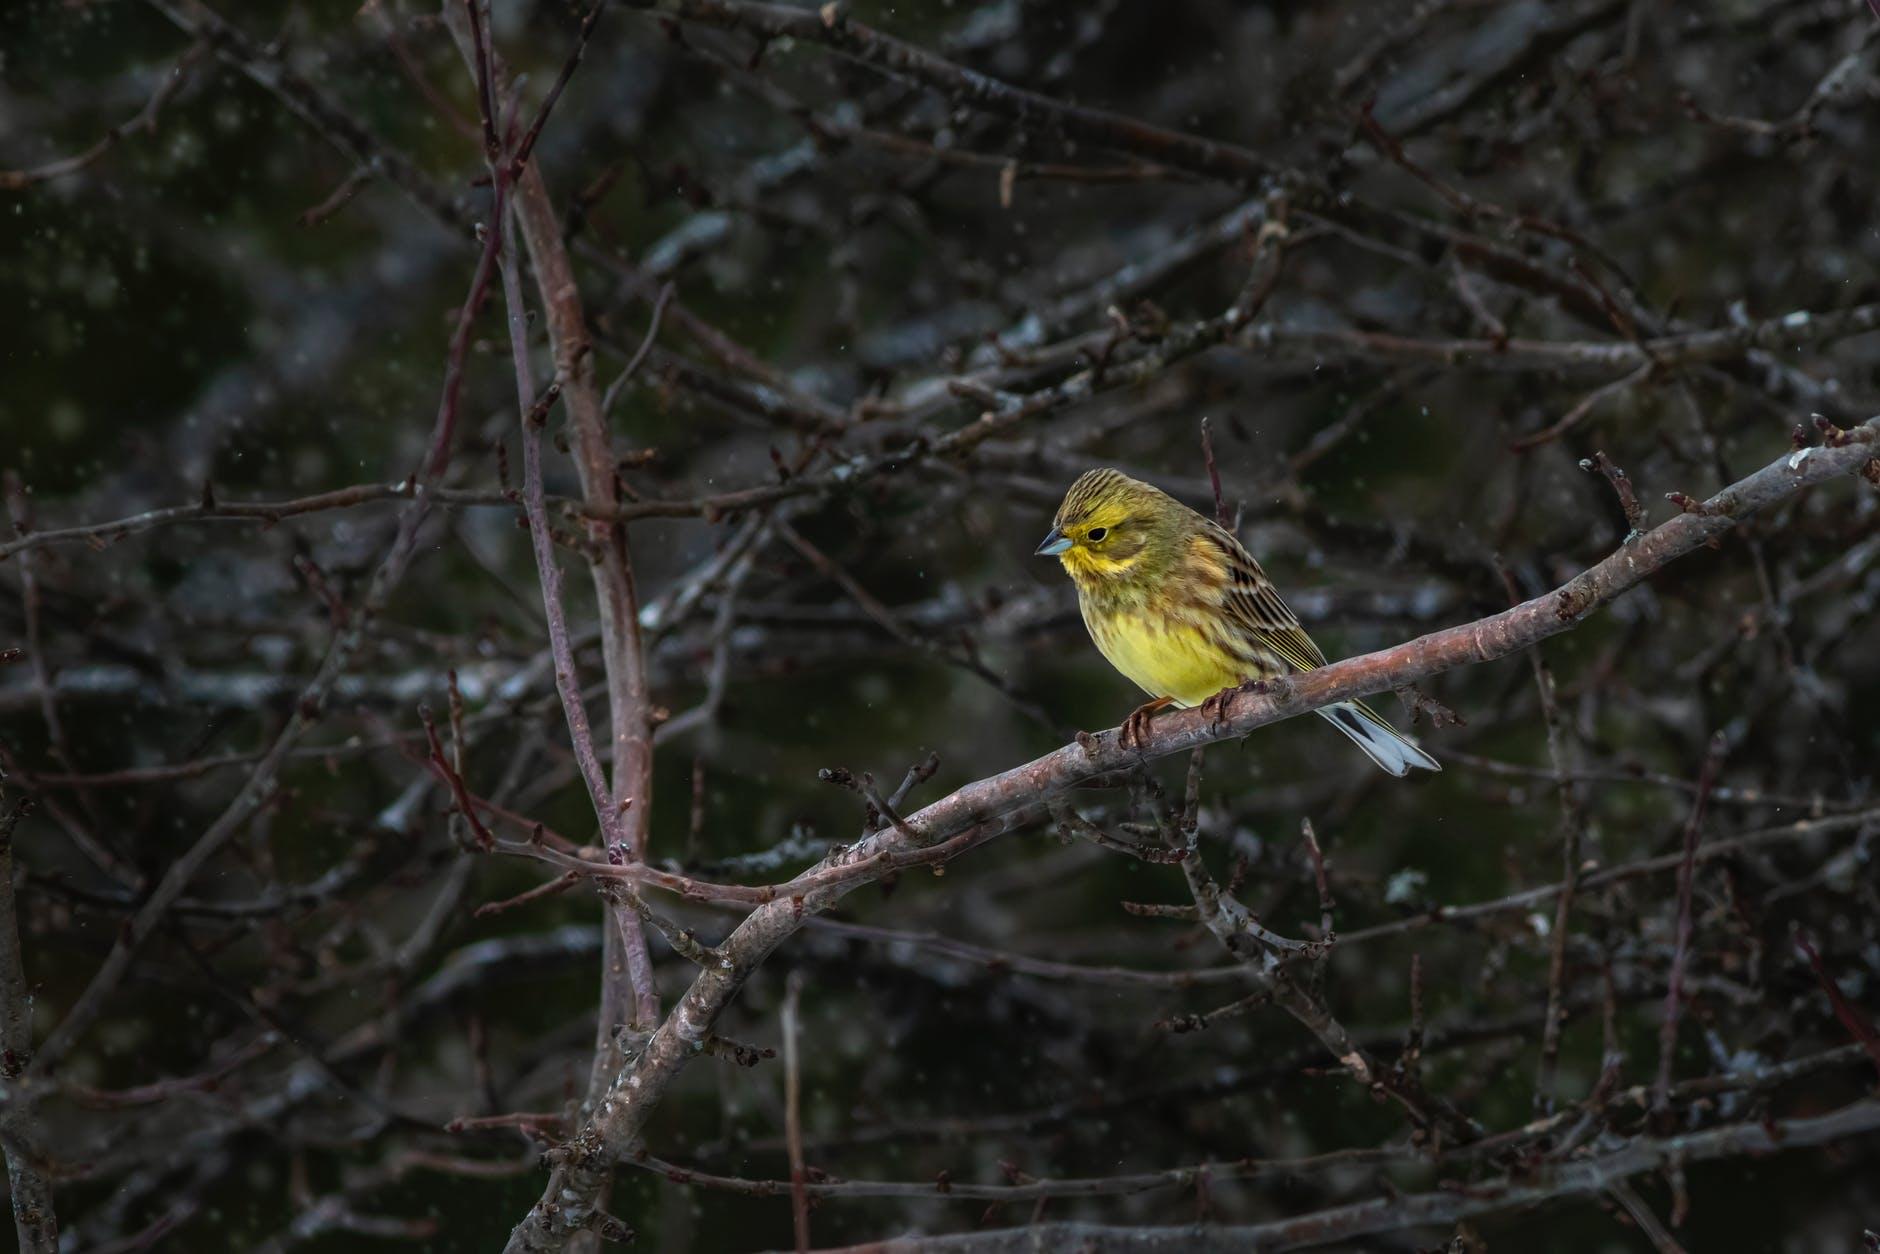 żółty ptaszek wielkości wróbla